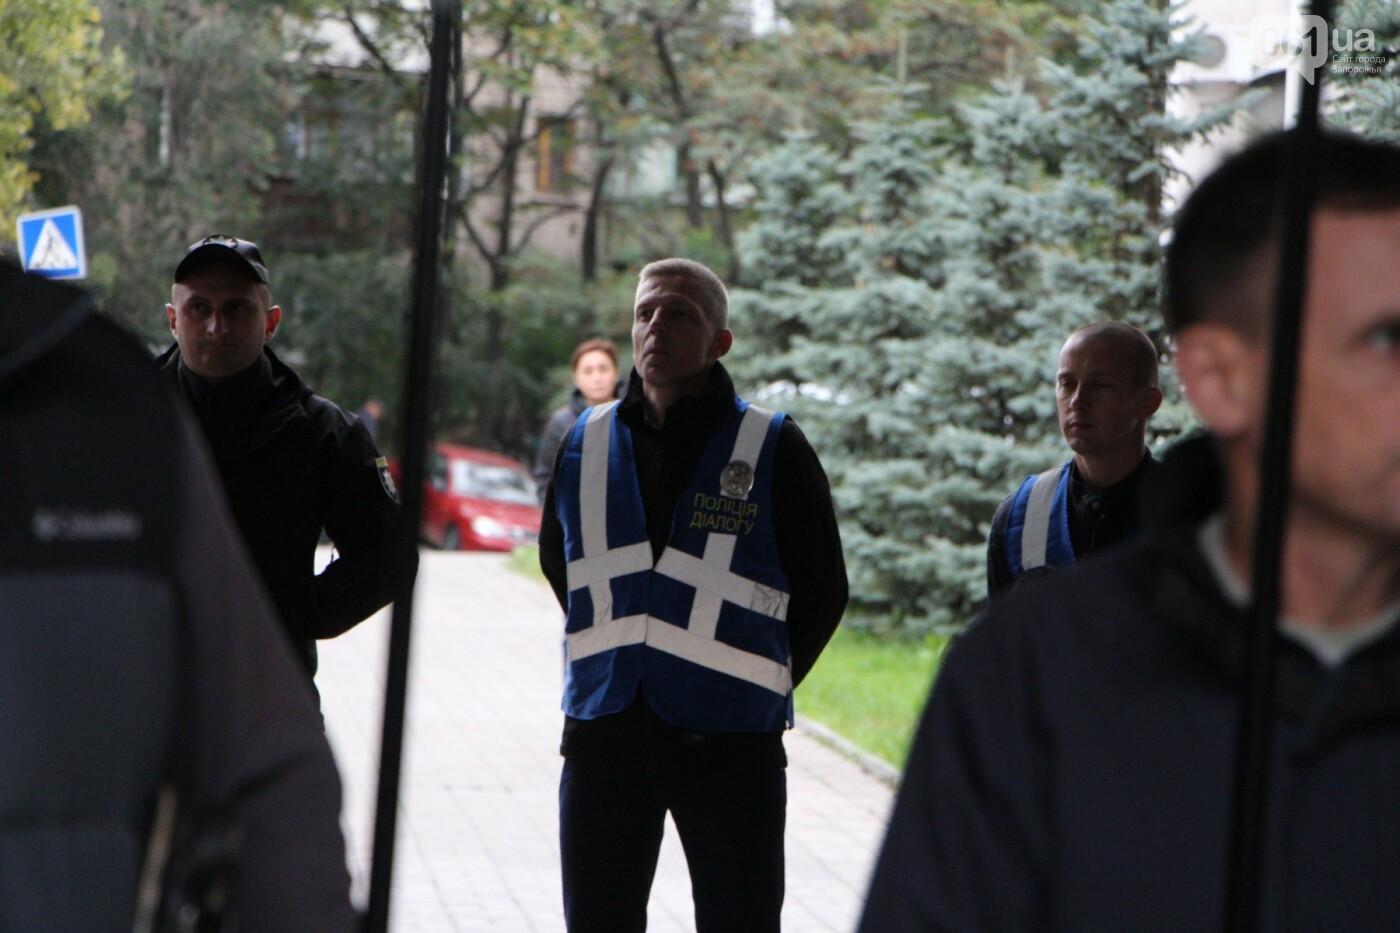 Активисты под прицелом: в Запорожье под зданием Нацполиции митинговали за расследование преступлений, - ФОТОРЕПОРТАЖ, фото-15